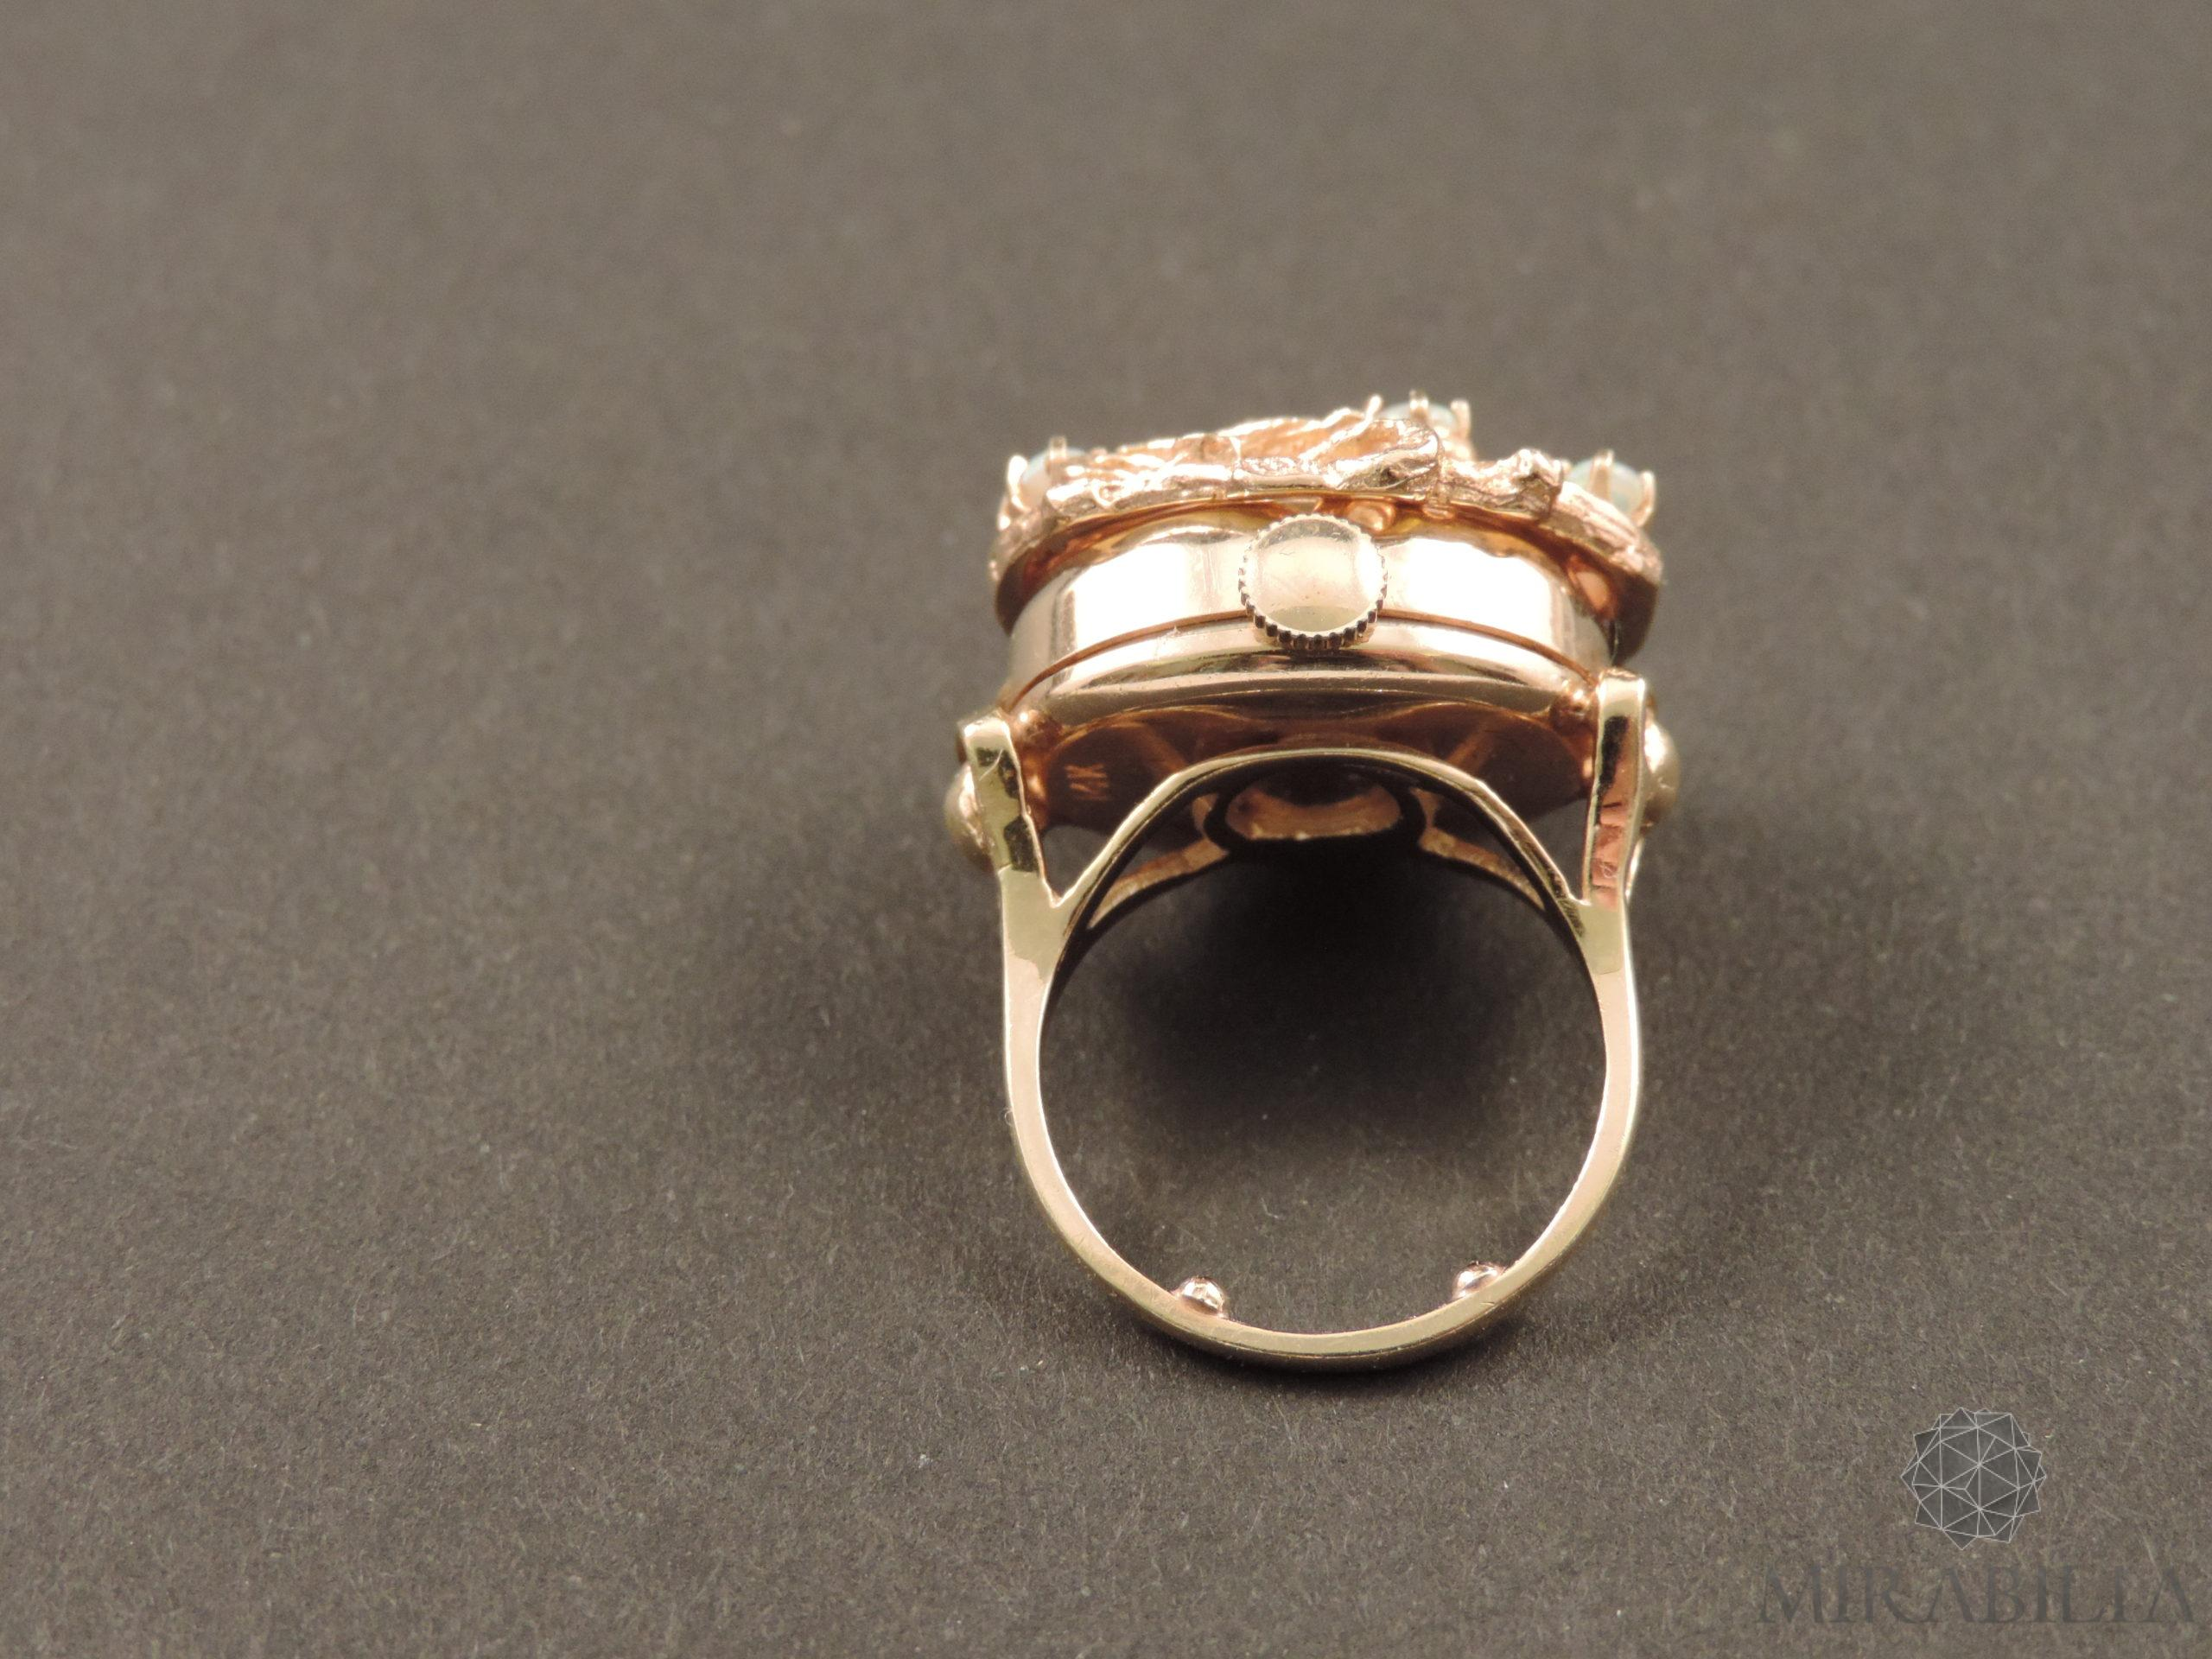 Anello con orologio Benat a scomparsa, in oro e opali, anni '50 (lato meccanismo carica)